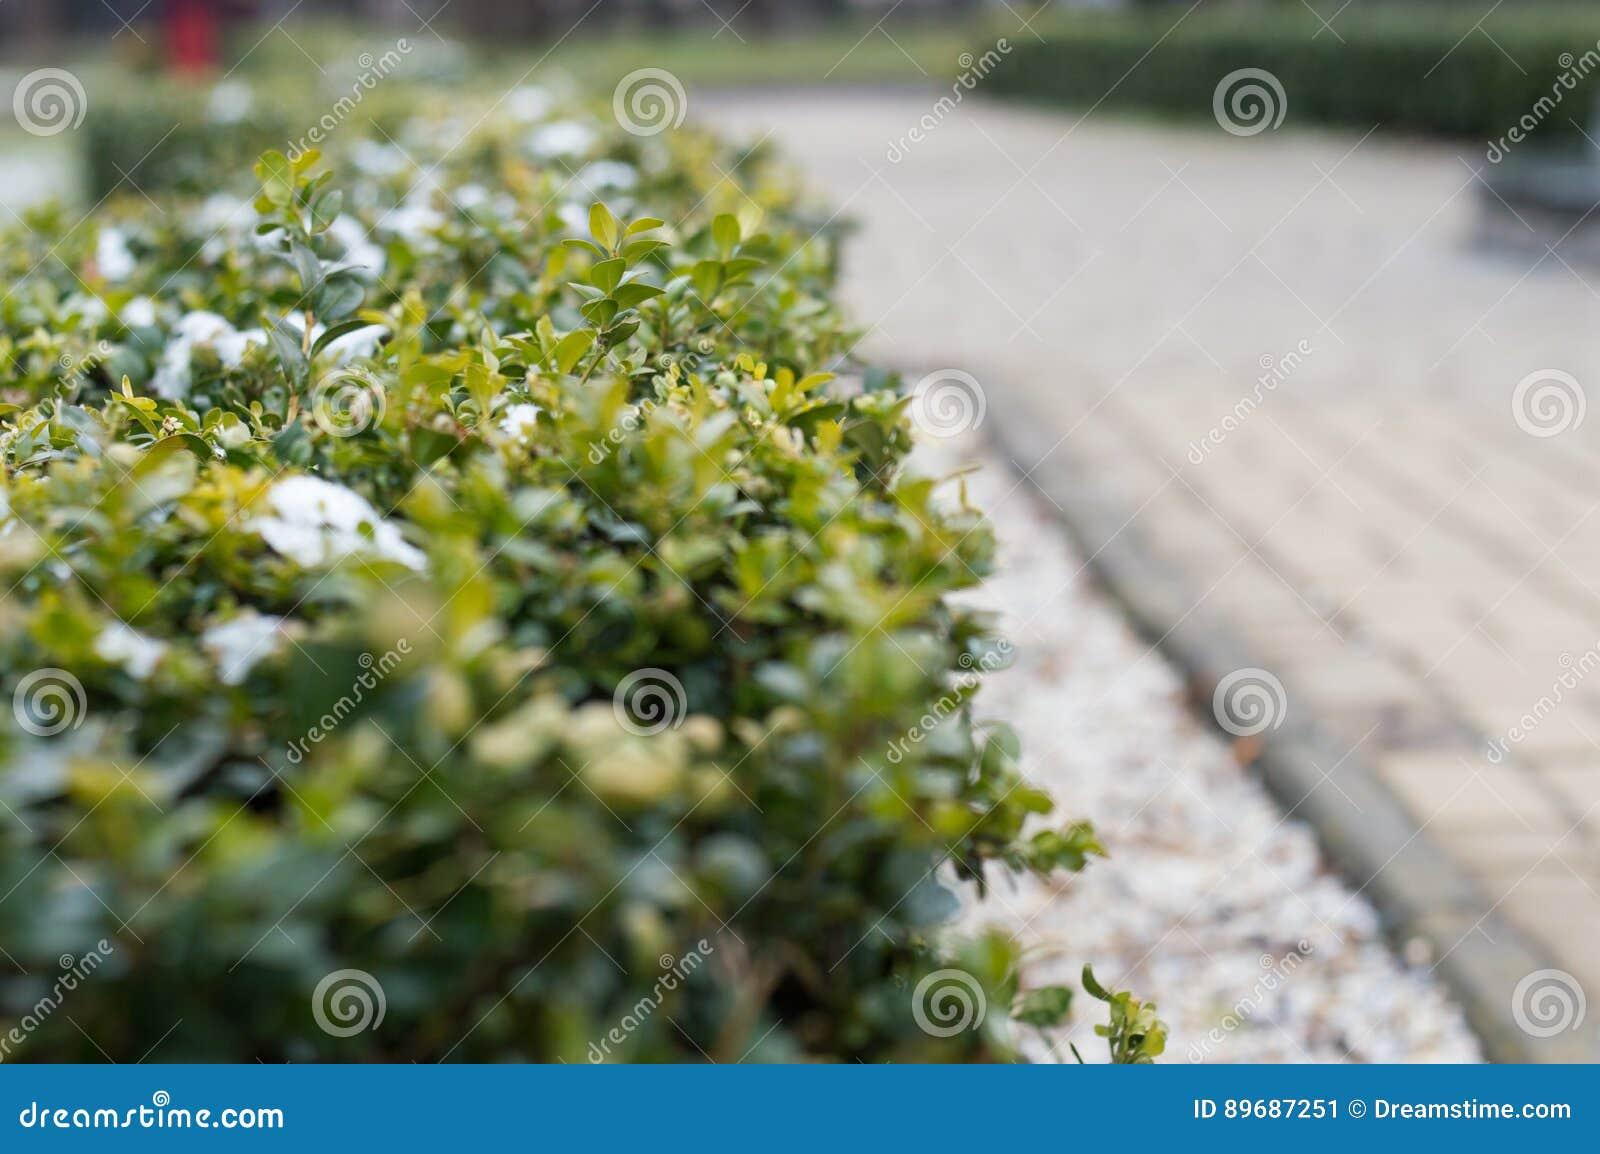 Struiken Met Bloemen Voor In De Tuin.Bevroren Groen Struiken En Bloemen In De Tuin In De Lente